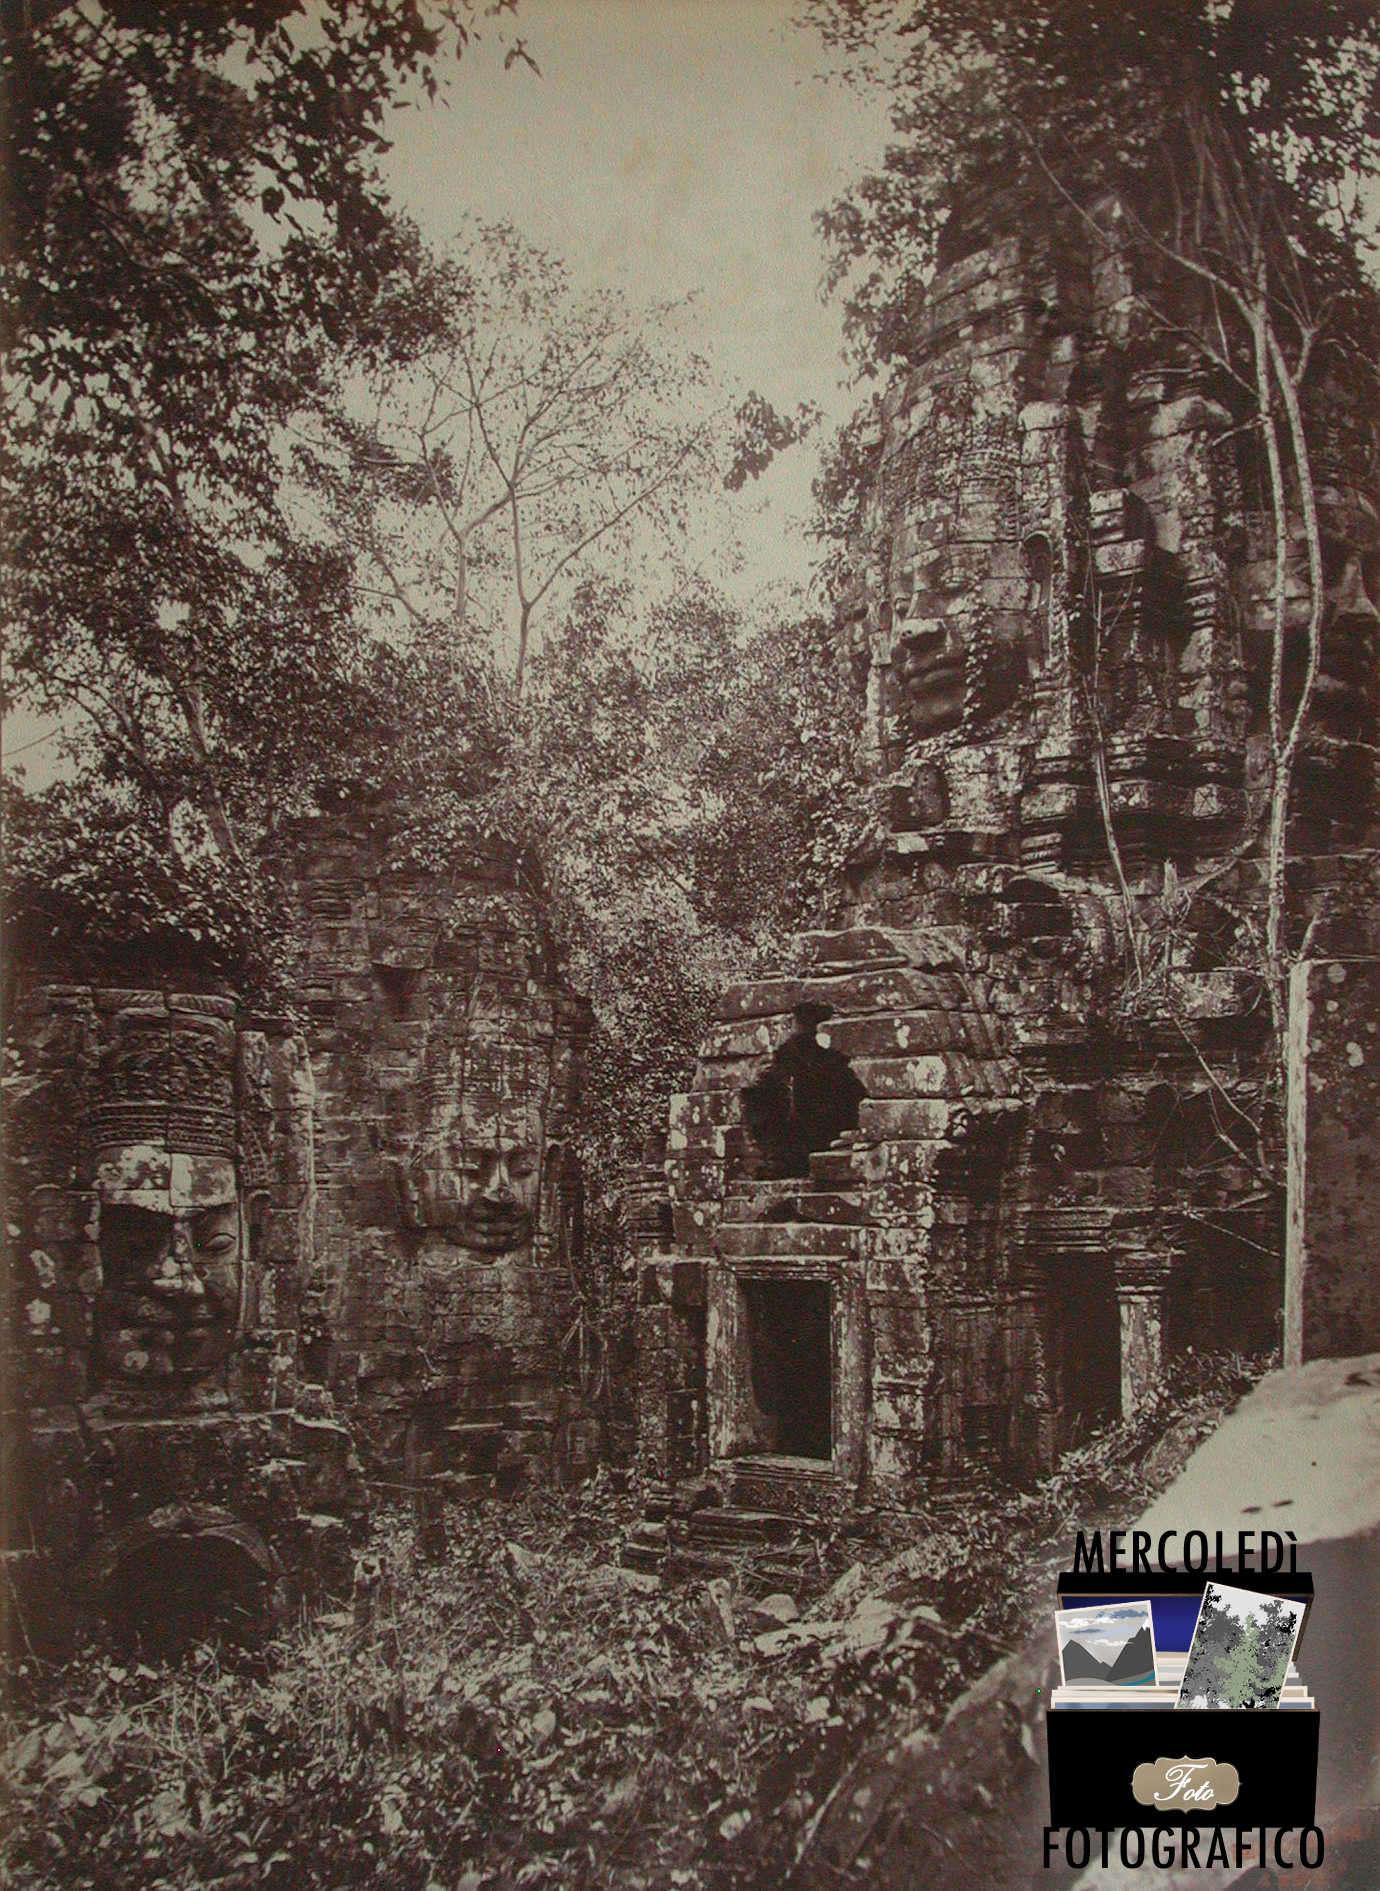 Mercoledì Fotografico –  La città perduta di Angkor Thom